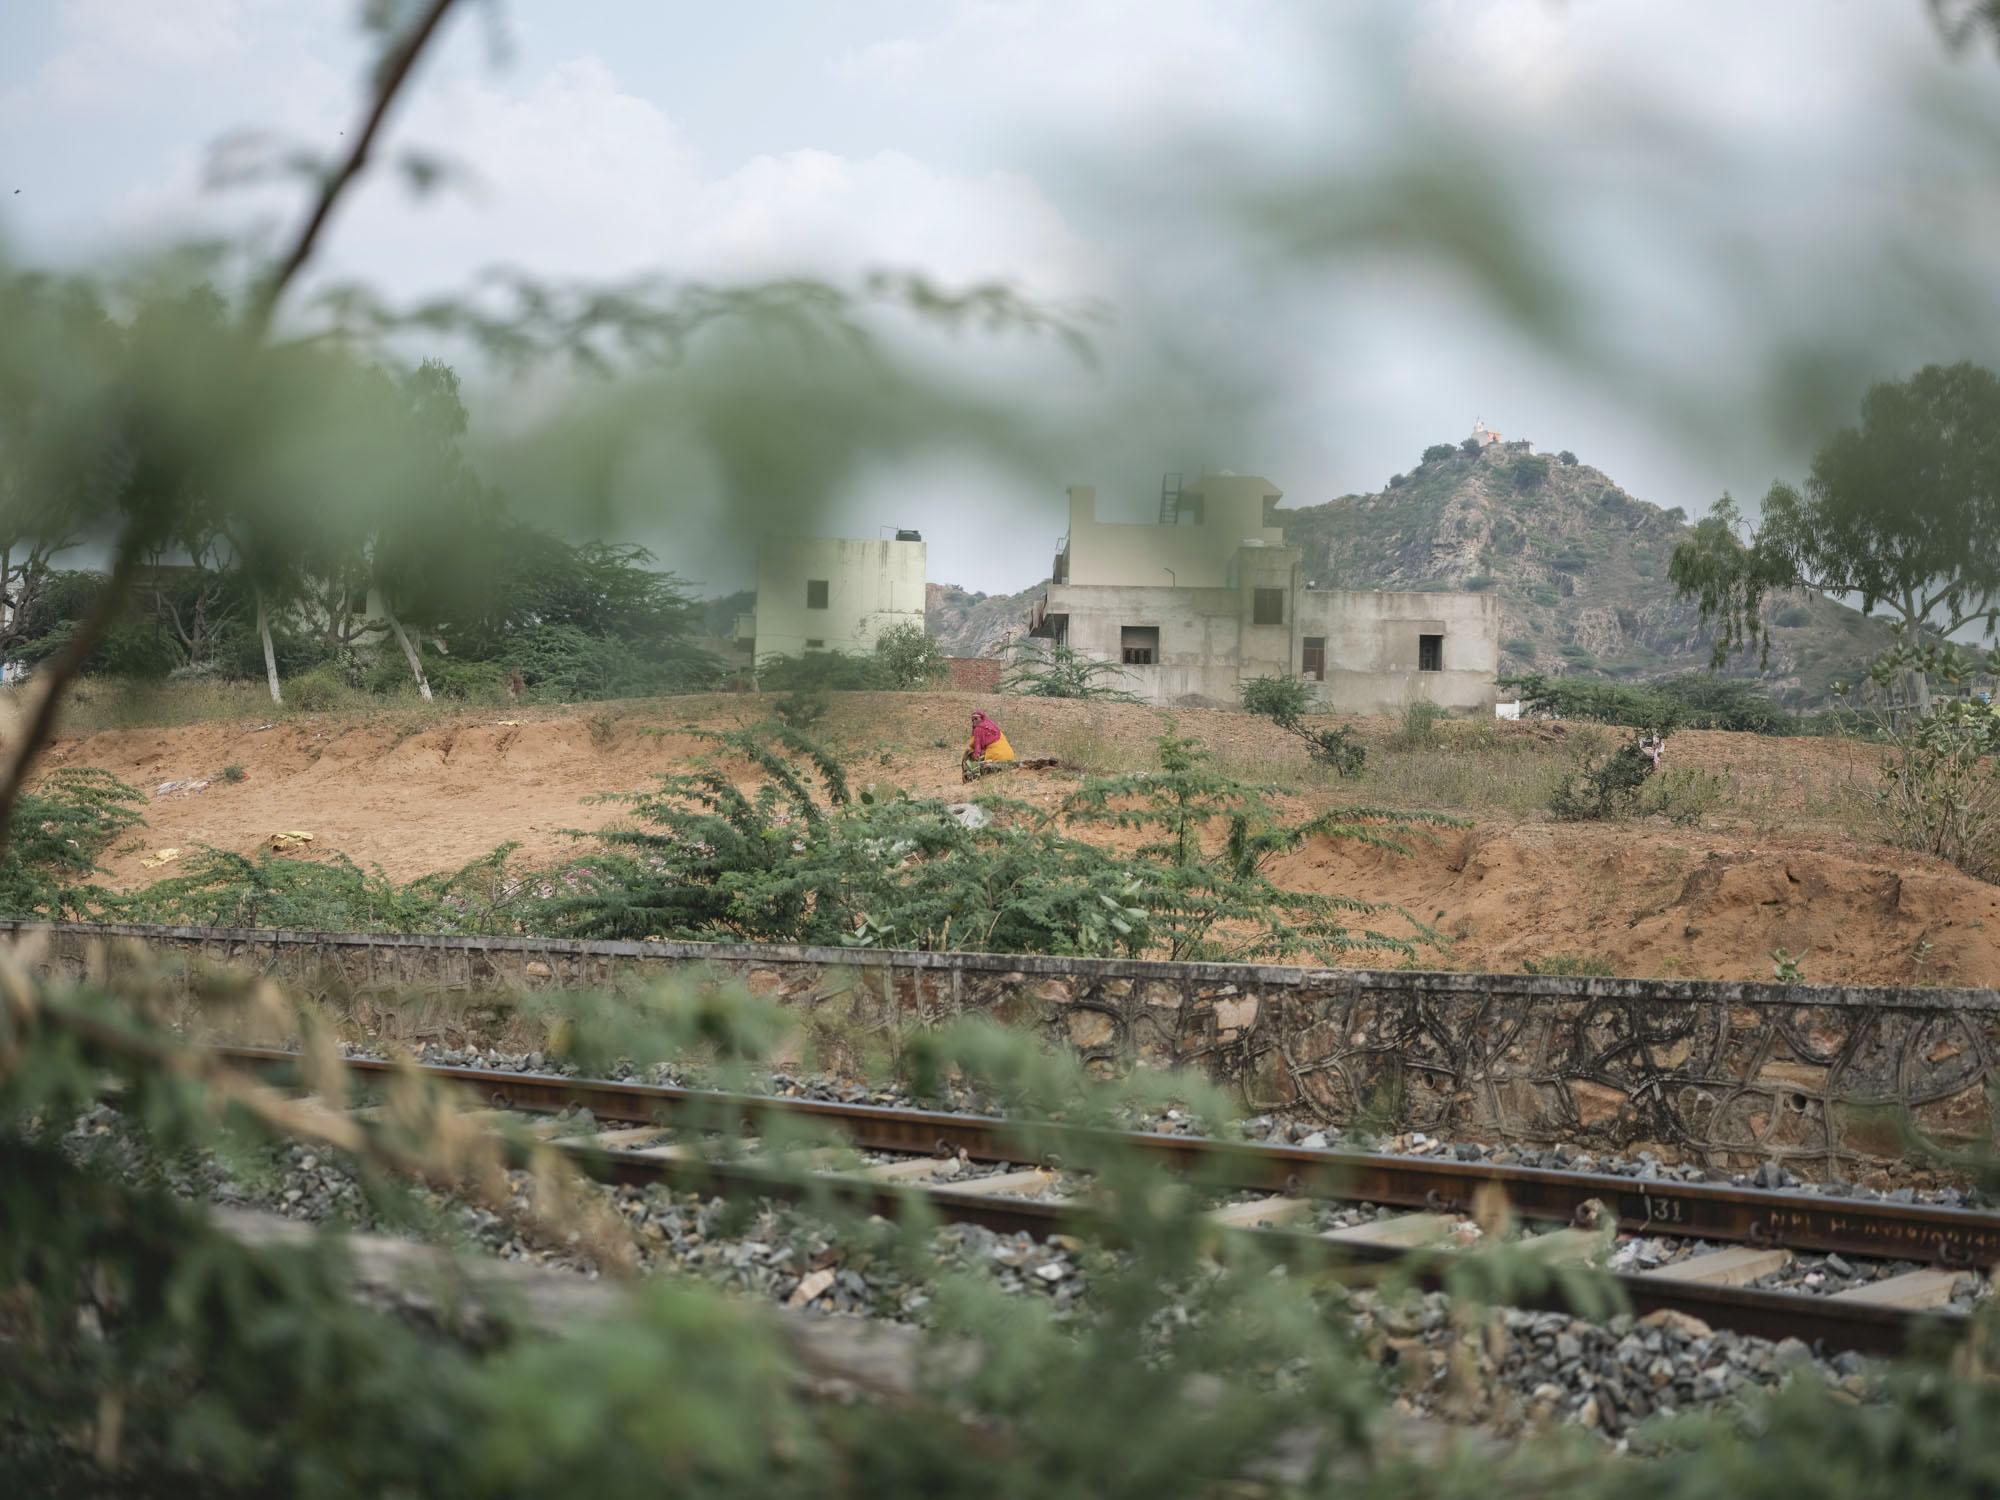 landscape Gypsy Kalbelia tribe nomad Rajasthan India Documentary Photography Jose Jeuland Photographer print fine art